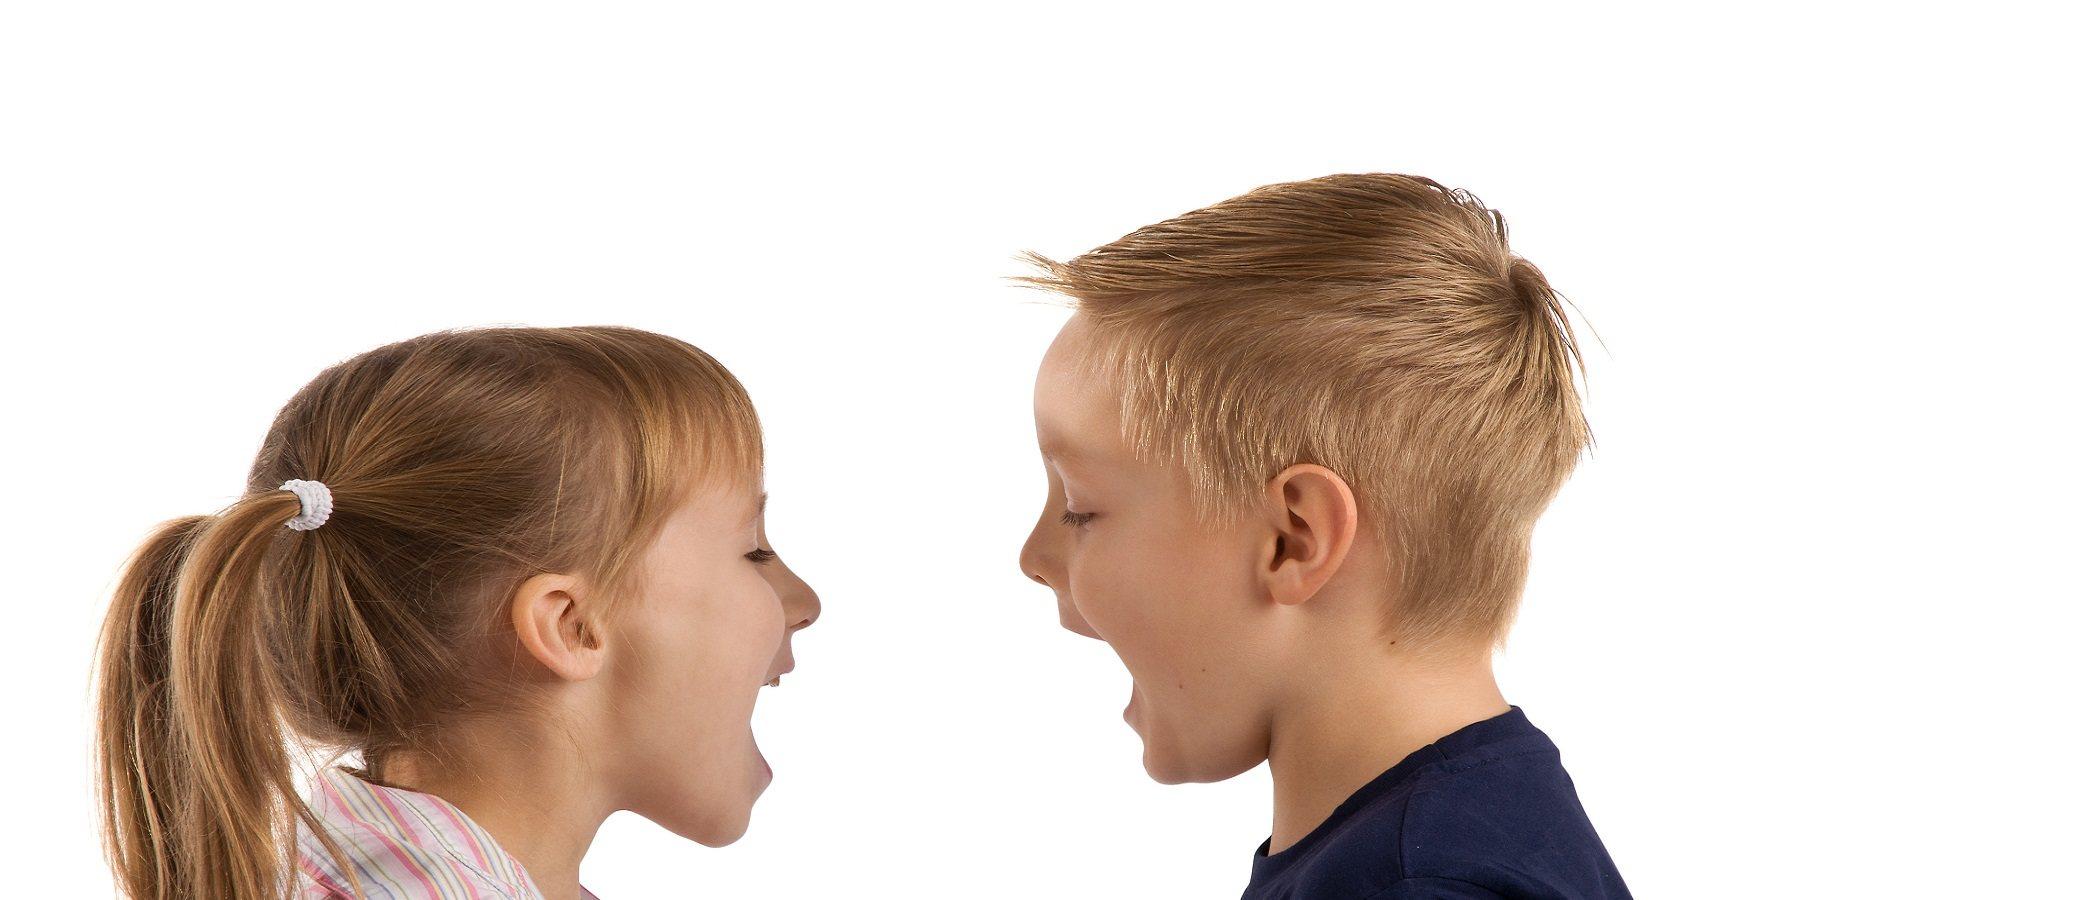 Causas del comportamiento violento infantil